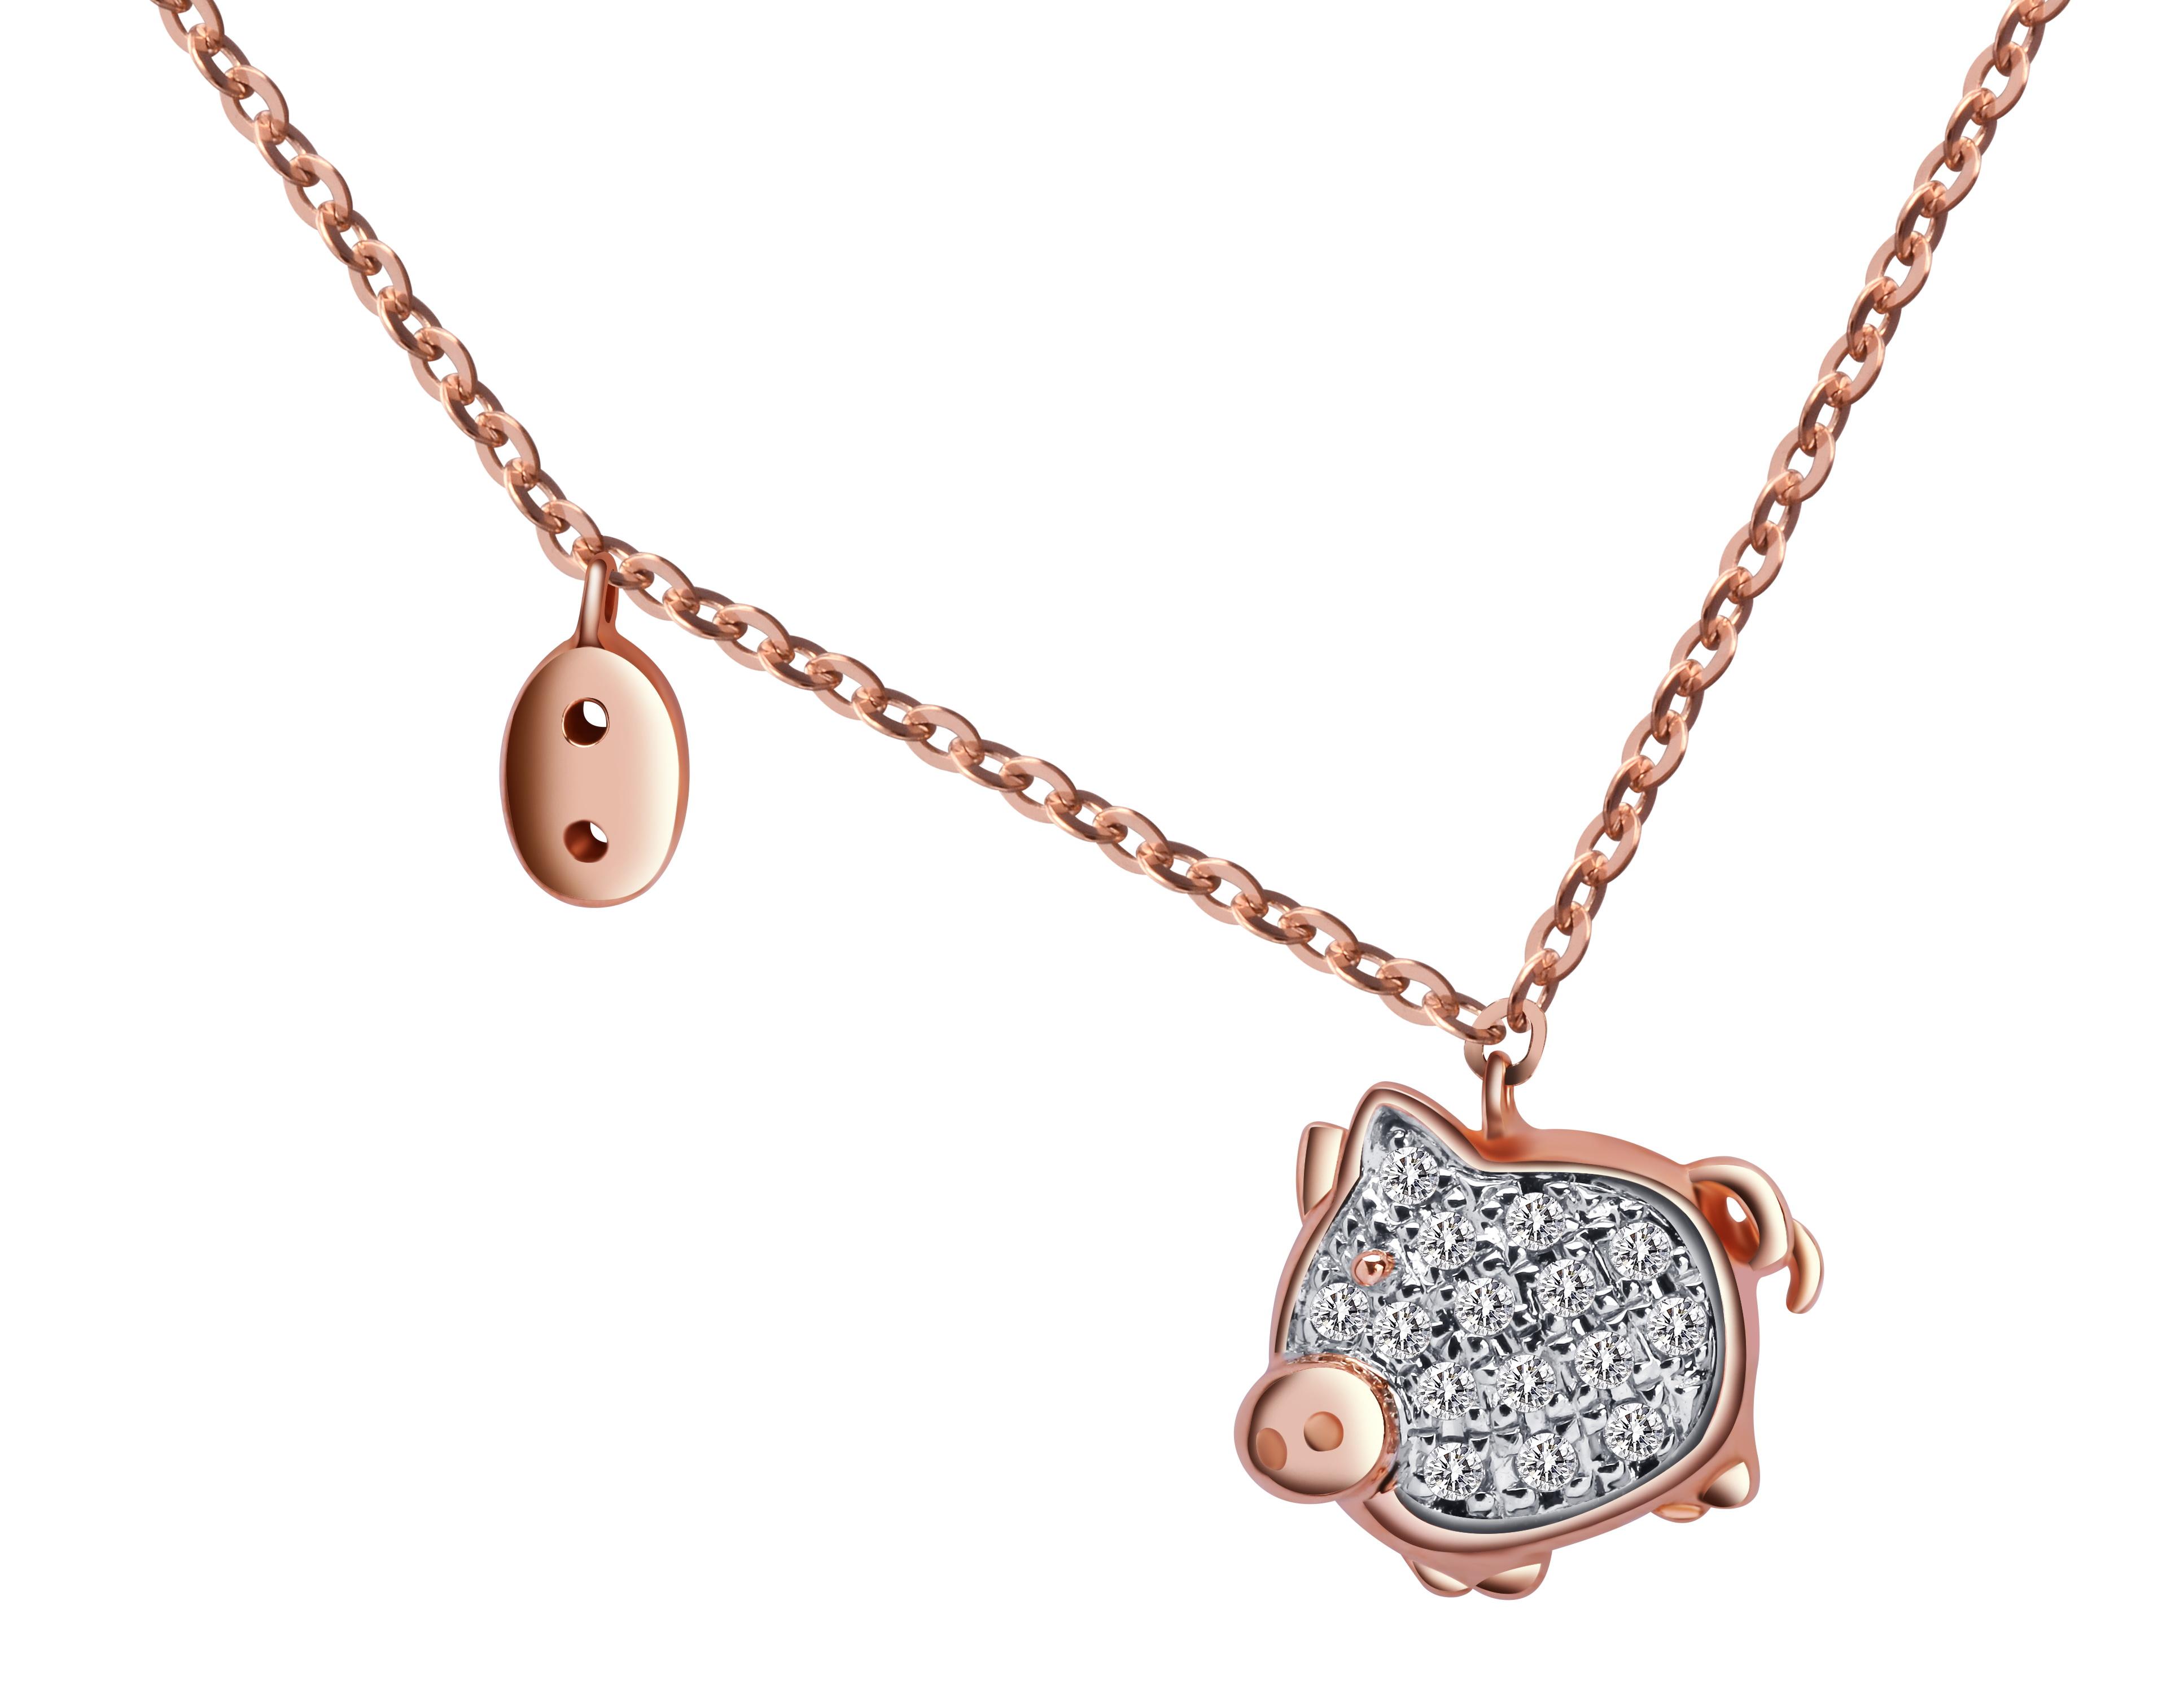 主要从事珠宝首饰设计,零售,出口及制造业务.